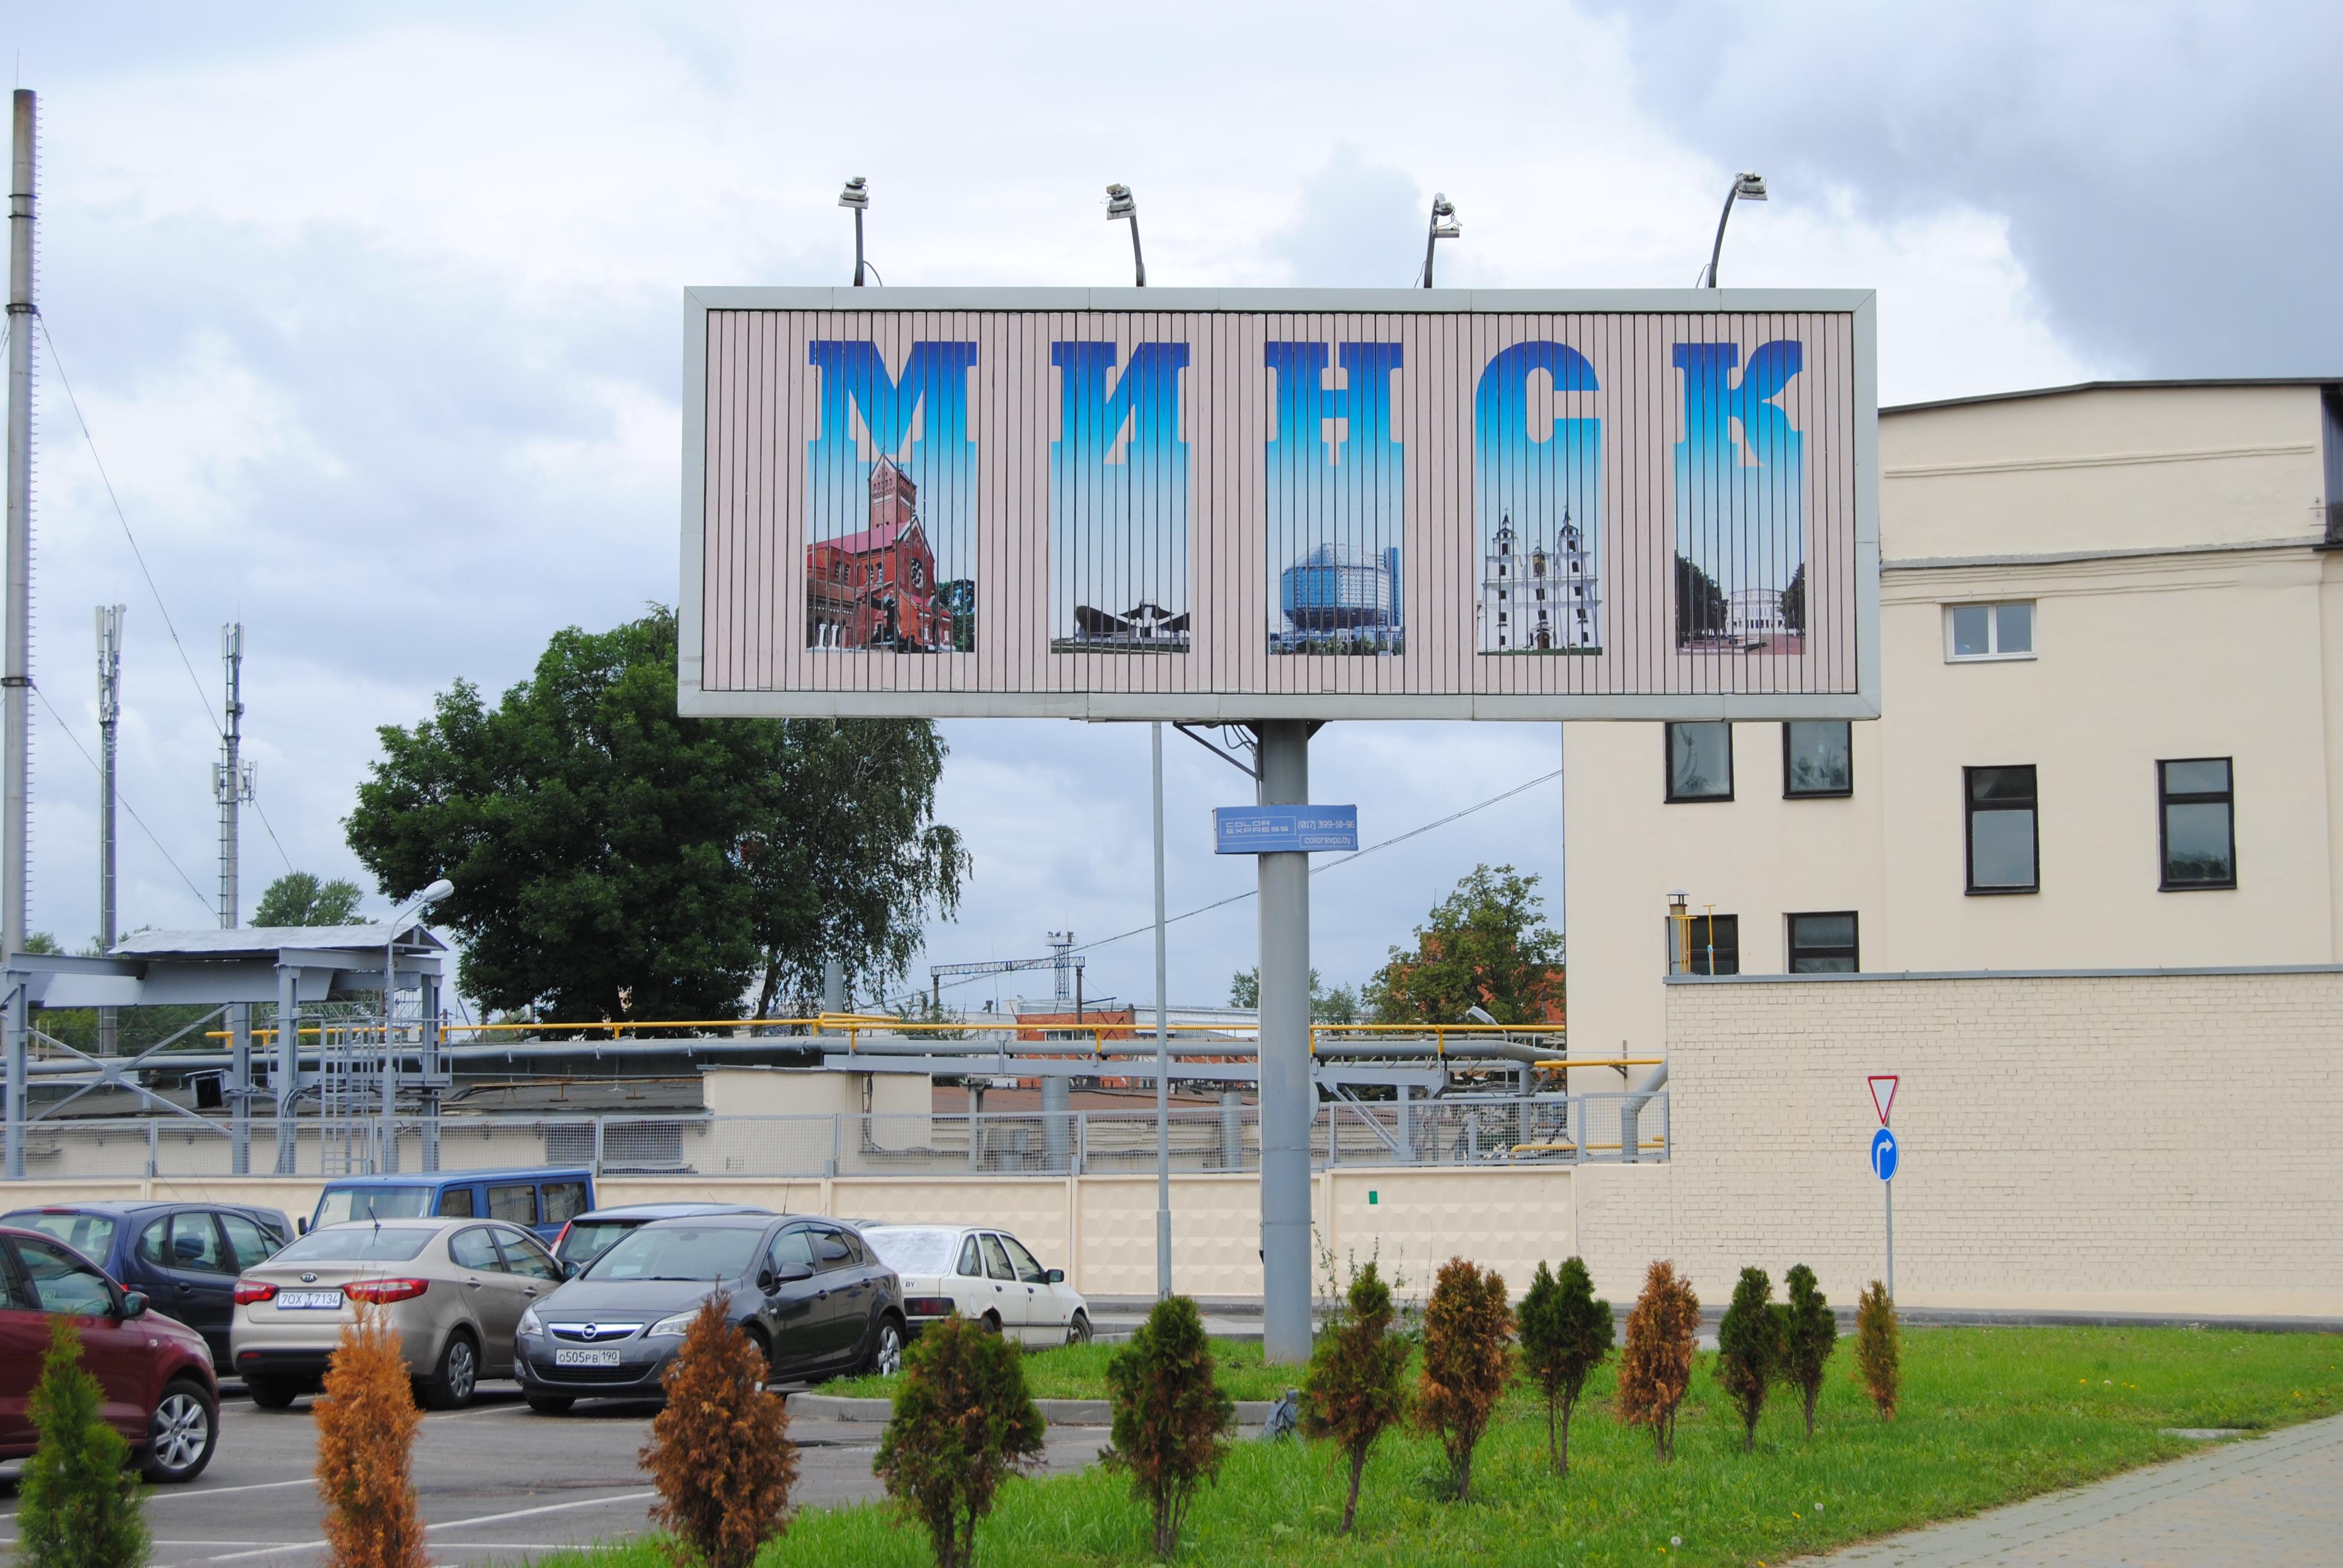 cartel de entrada en Minsk